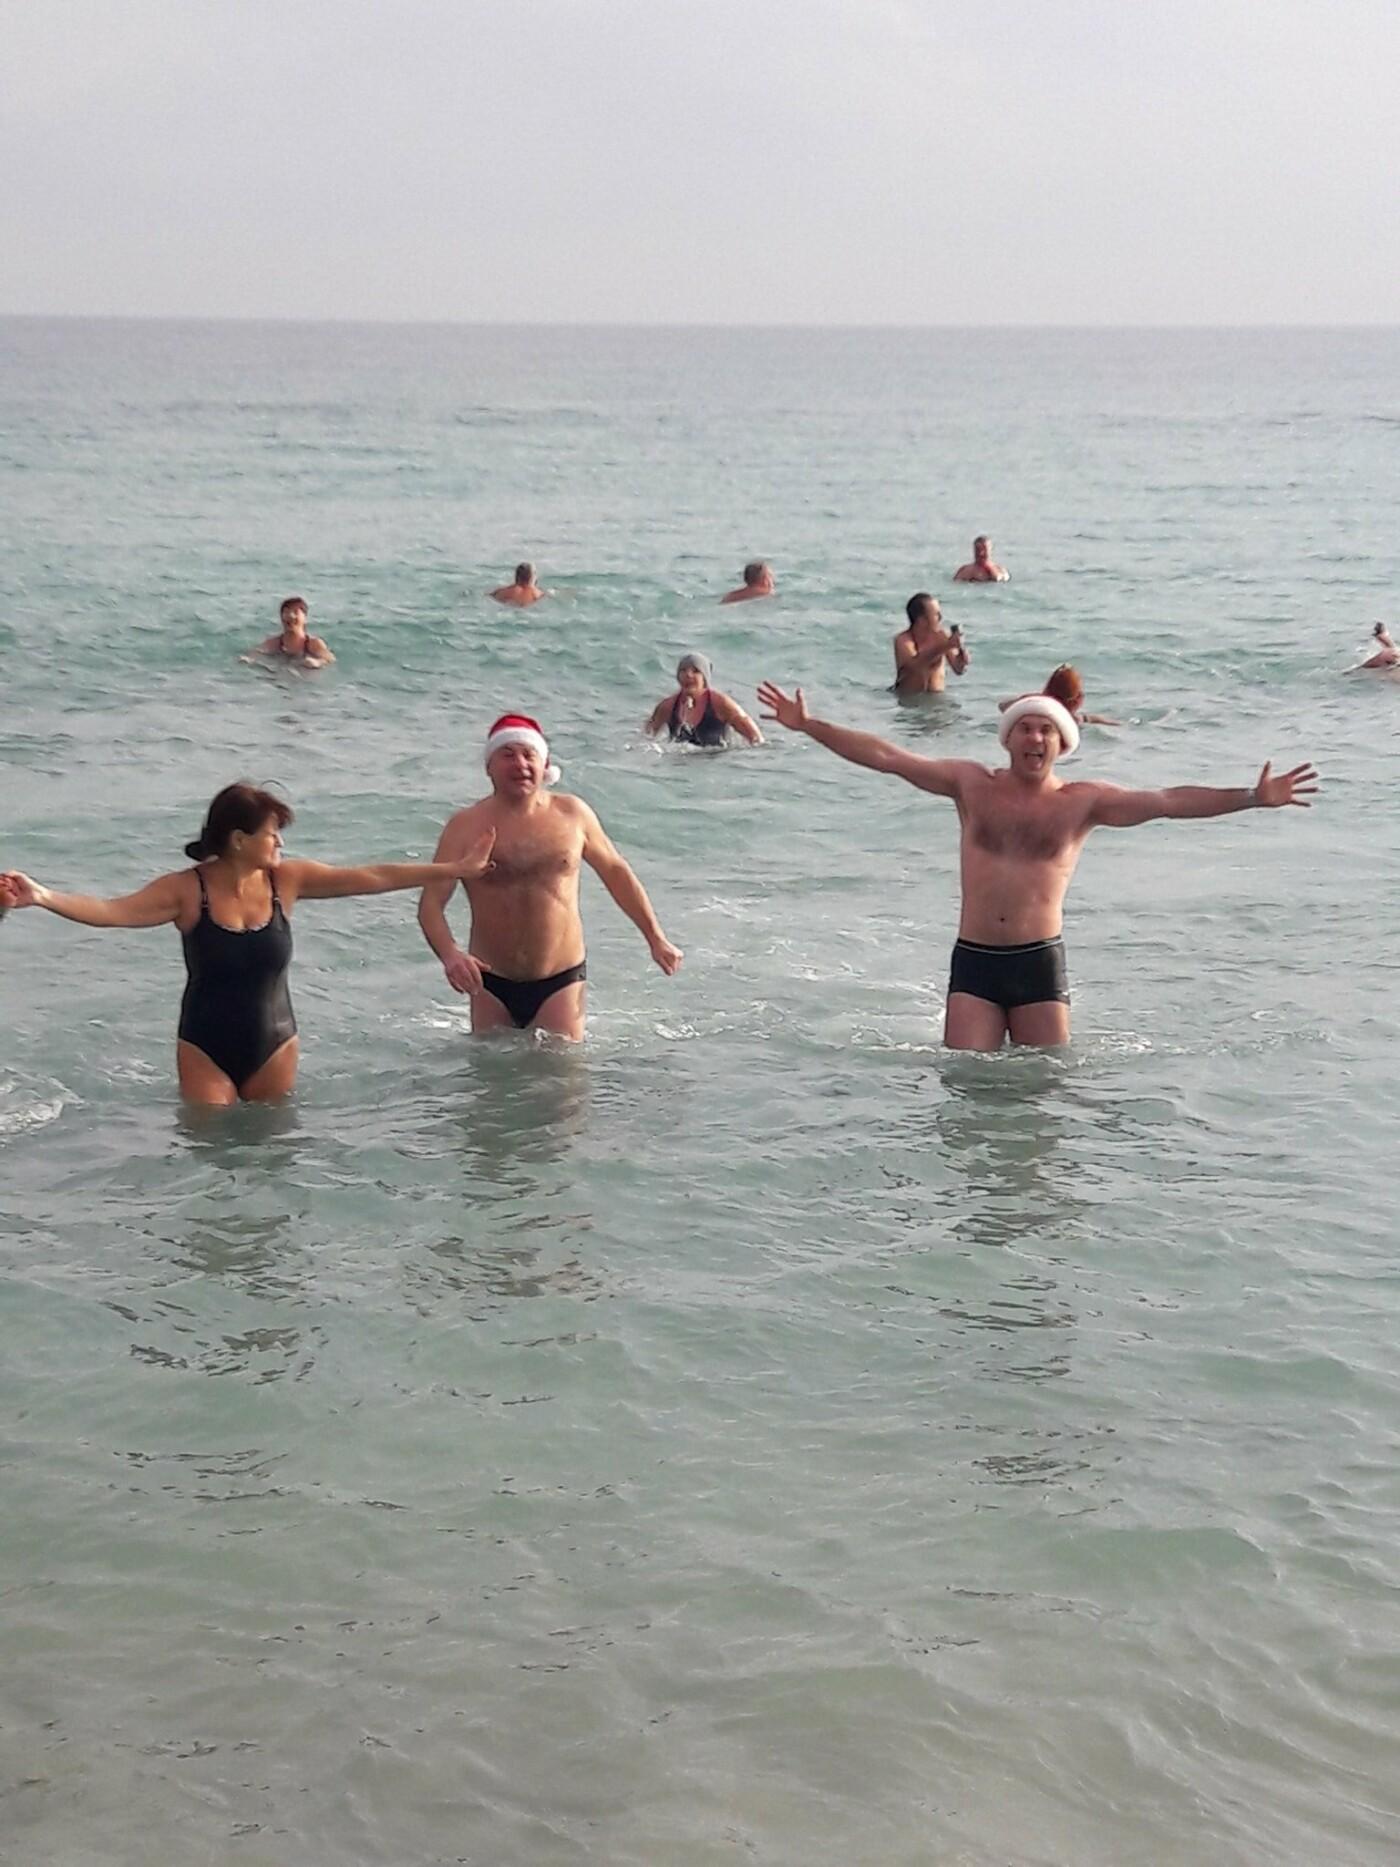 Одесситы отметили Рождество купанием в море, - ФОТО, фото-3